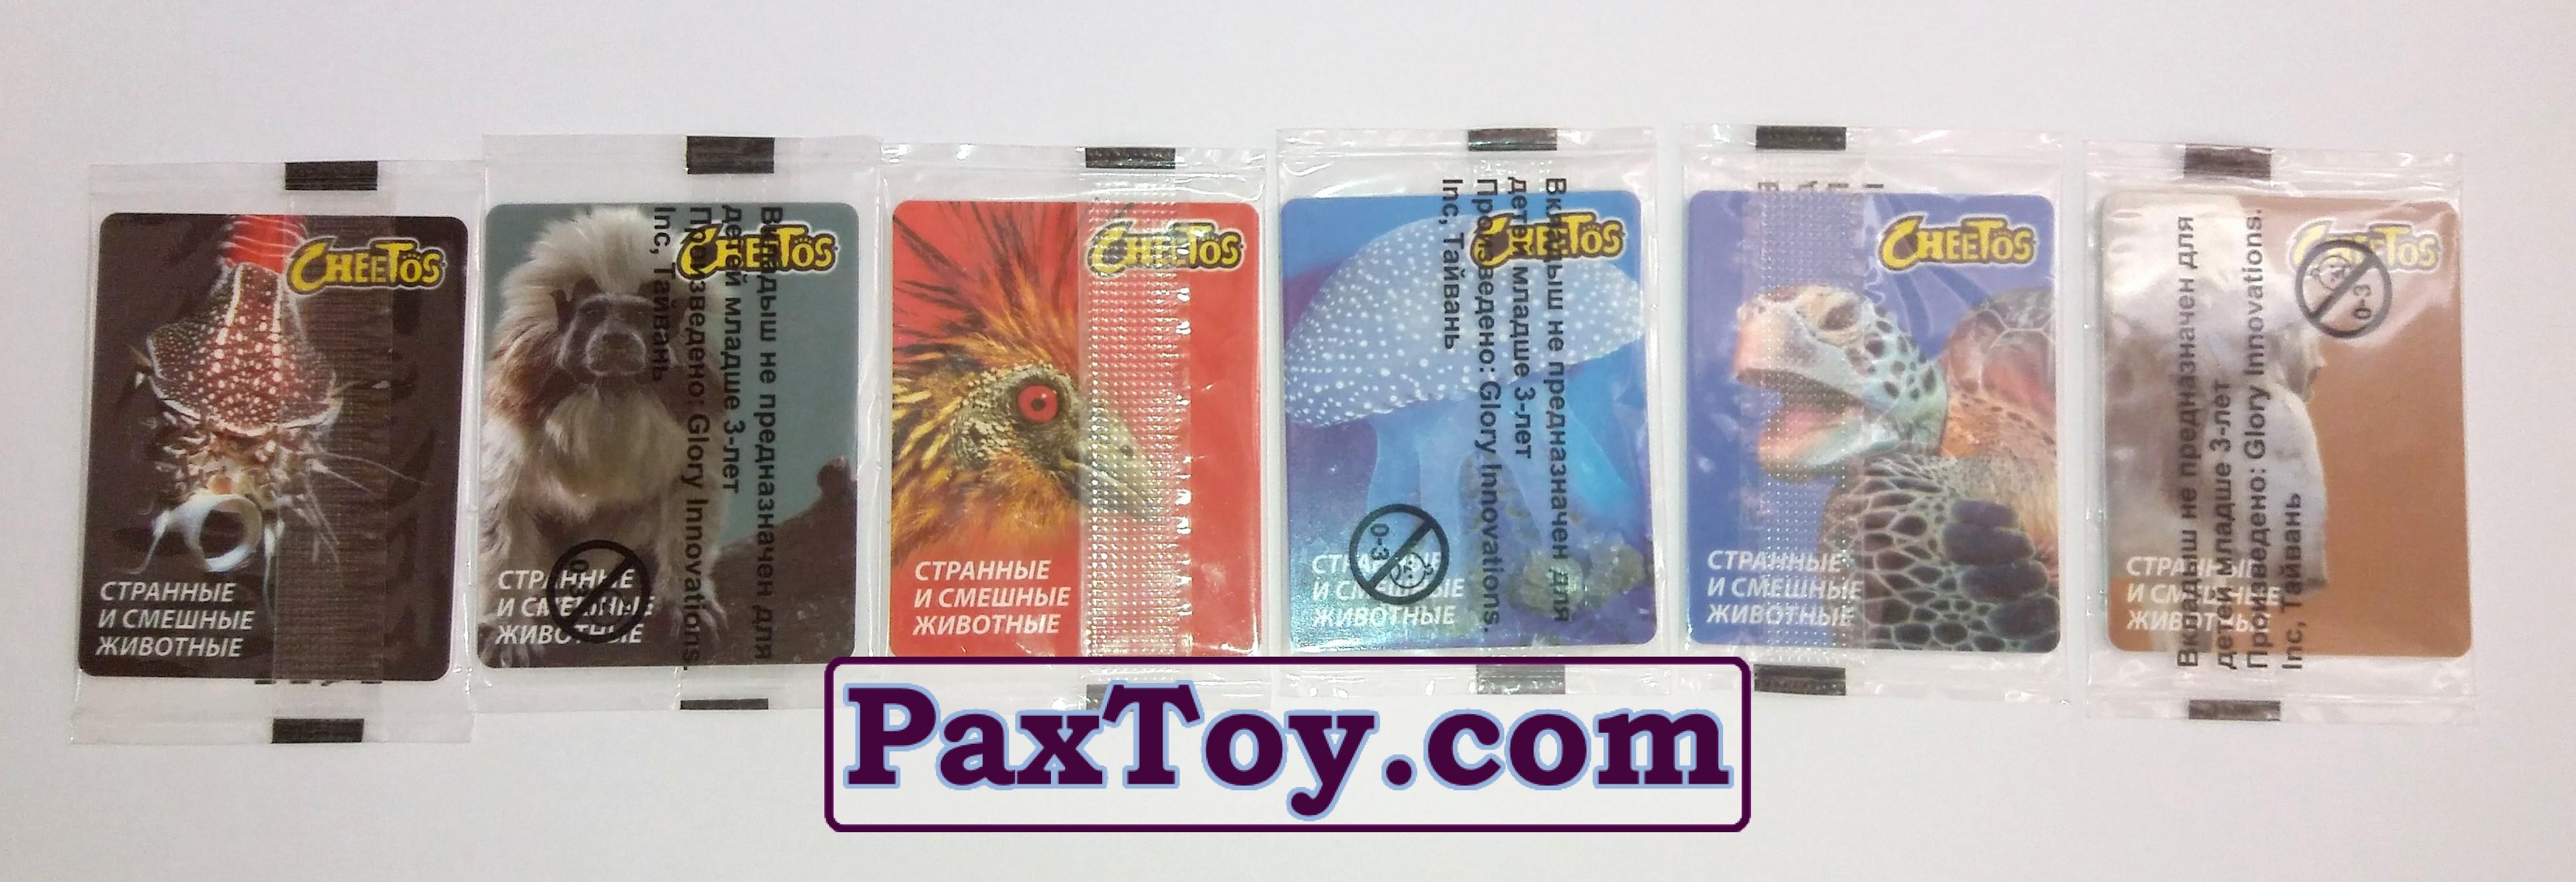 Cheetos Странные и Смешные Животные (в оригинальной упаковке) - 01 paxtoy